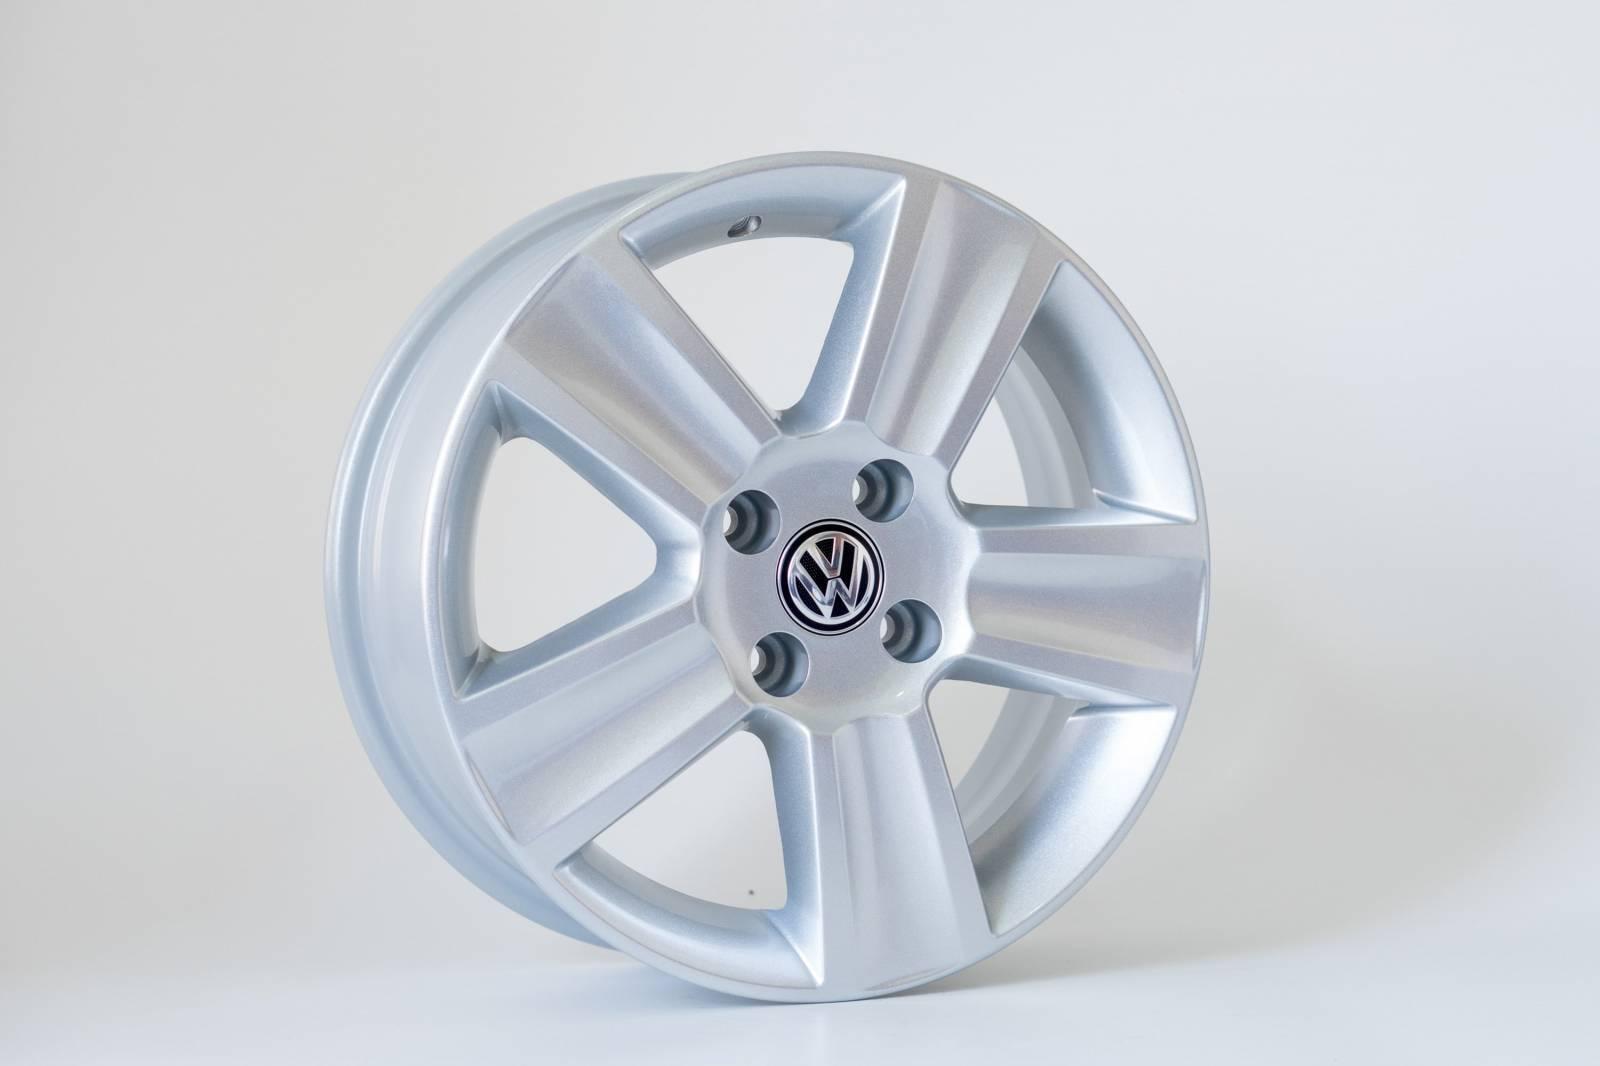 Jogo de 04 Rodas VW Saveiro Cross aro 15 4x100 KR R7 Prata